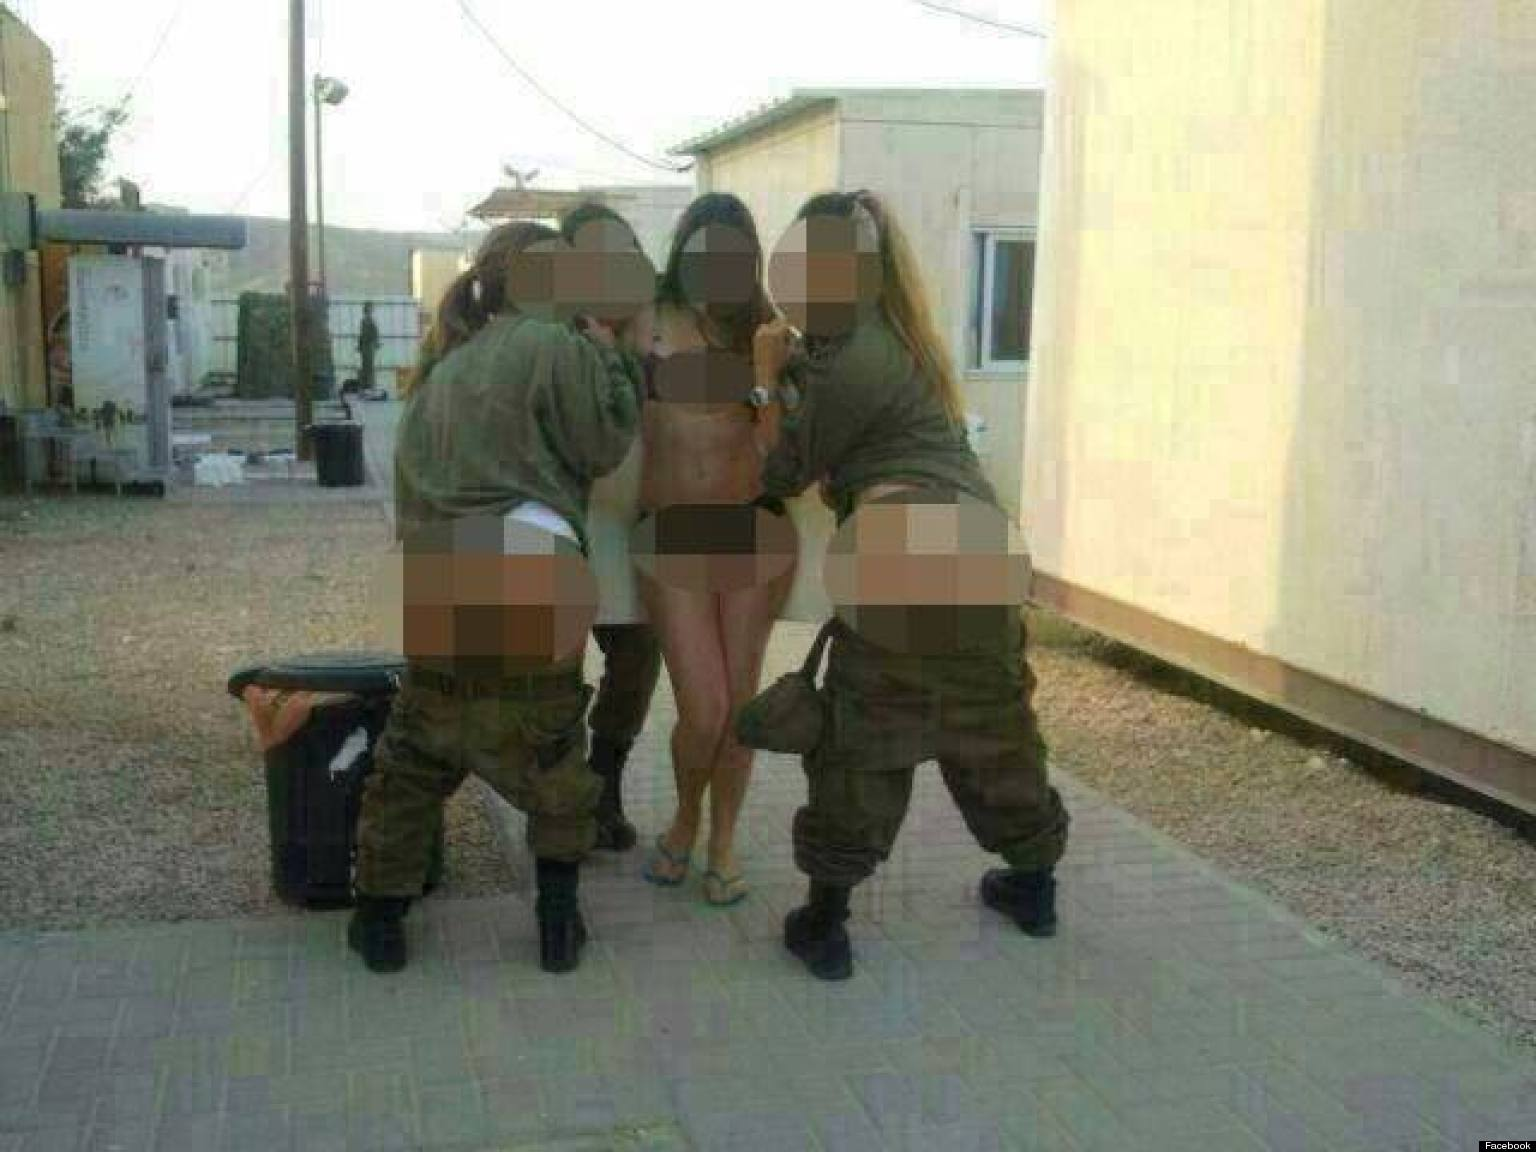 Солдат трахает солдата фото 16 фотография